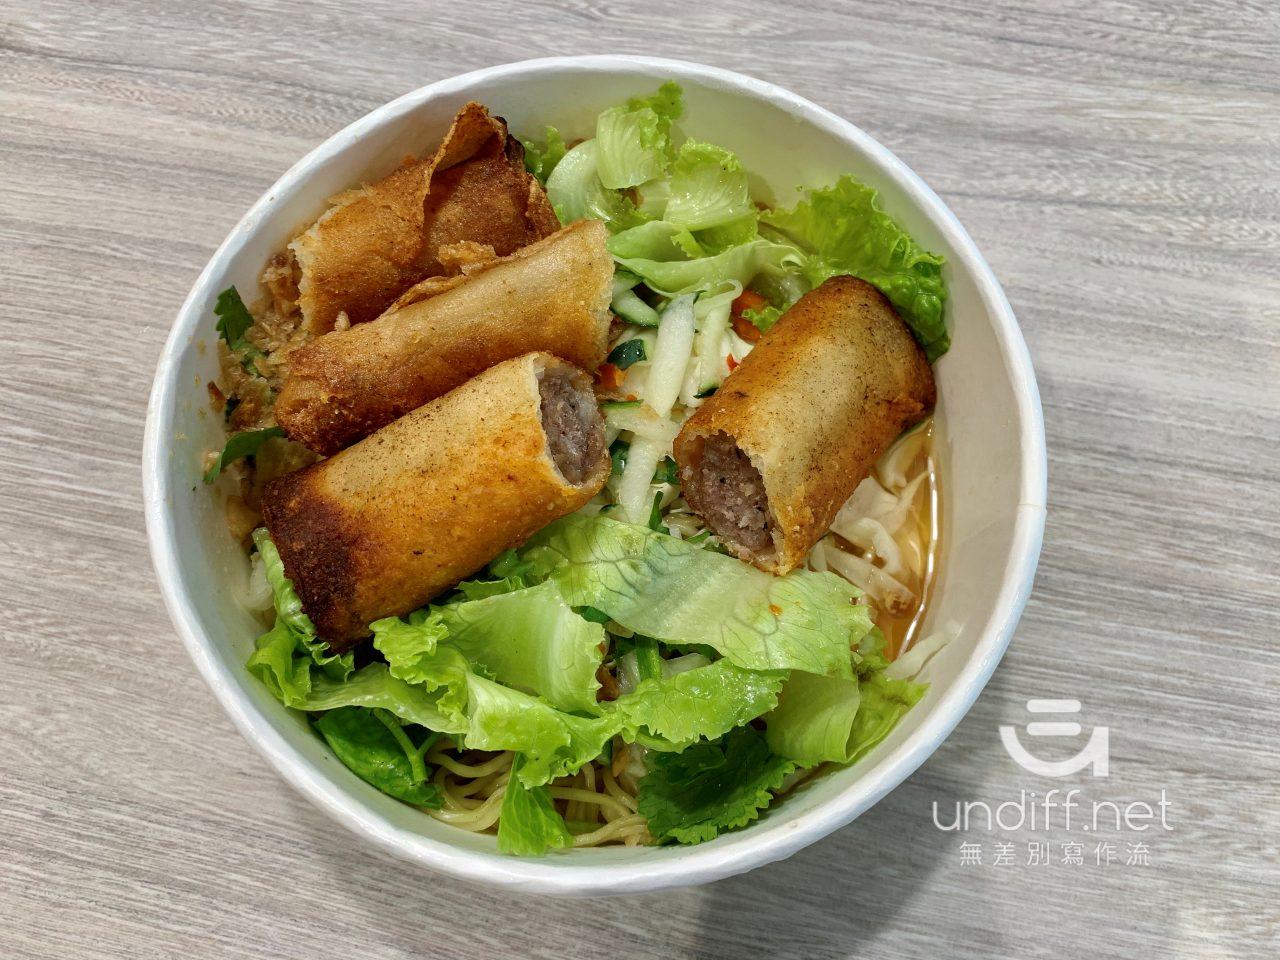 【內湖 訂便當日記】日嚐 Taste&Enjoy 南洋風味料理 44